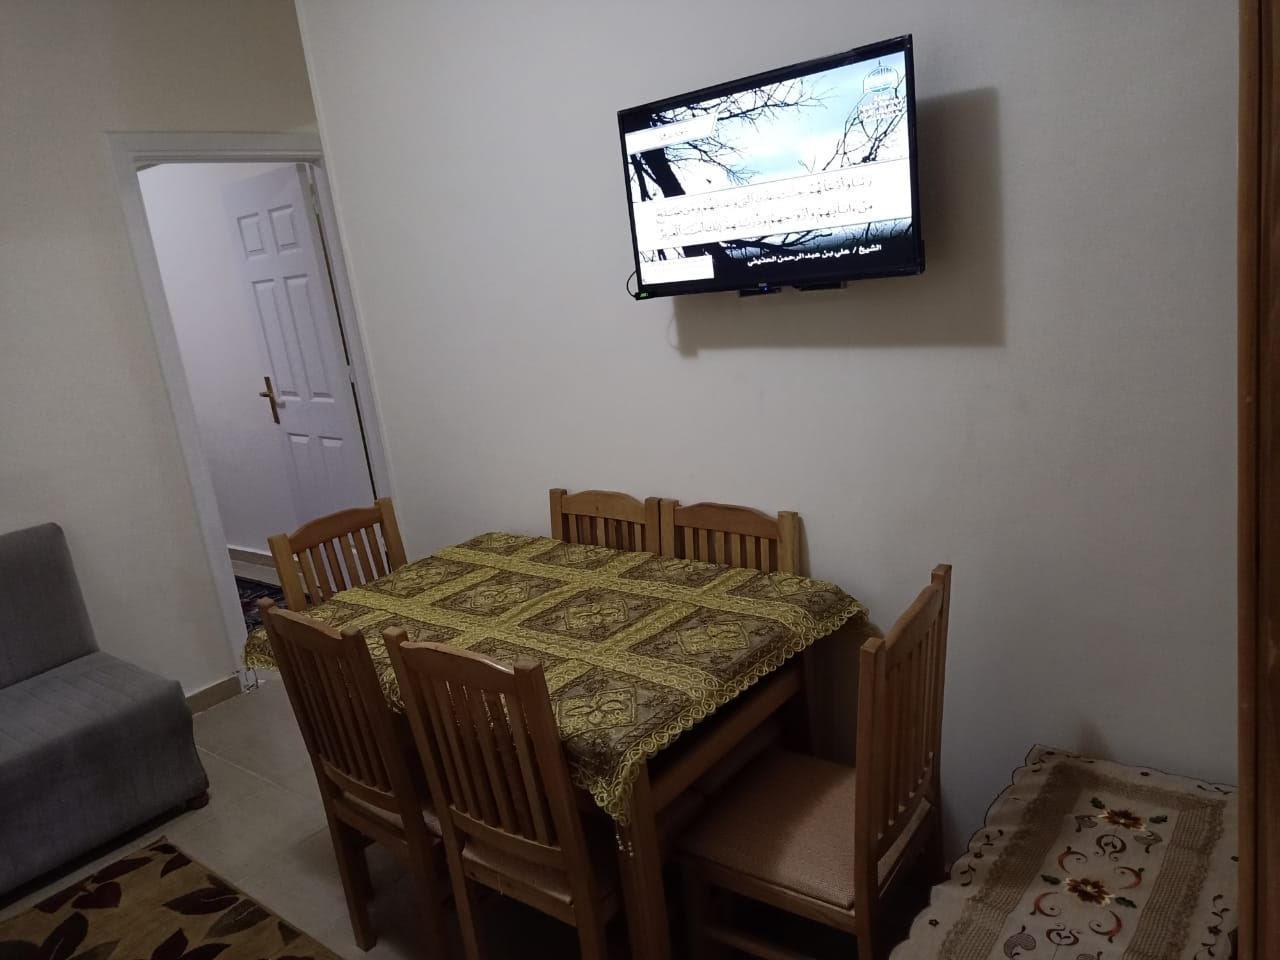 بشاير الخير 3 هدية الرئيس لأهالي الإسكندرية قبل العيد